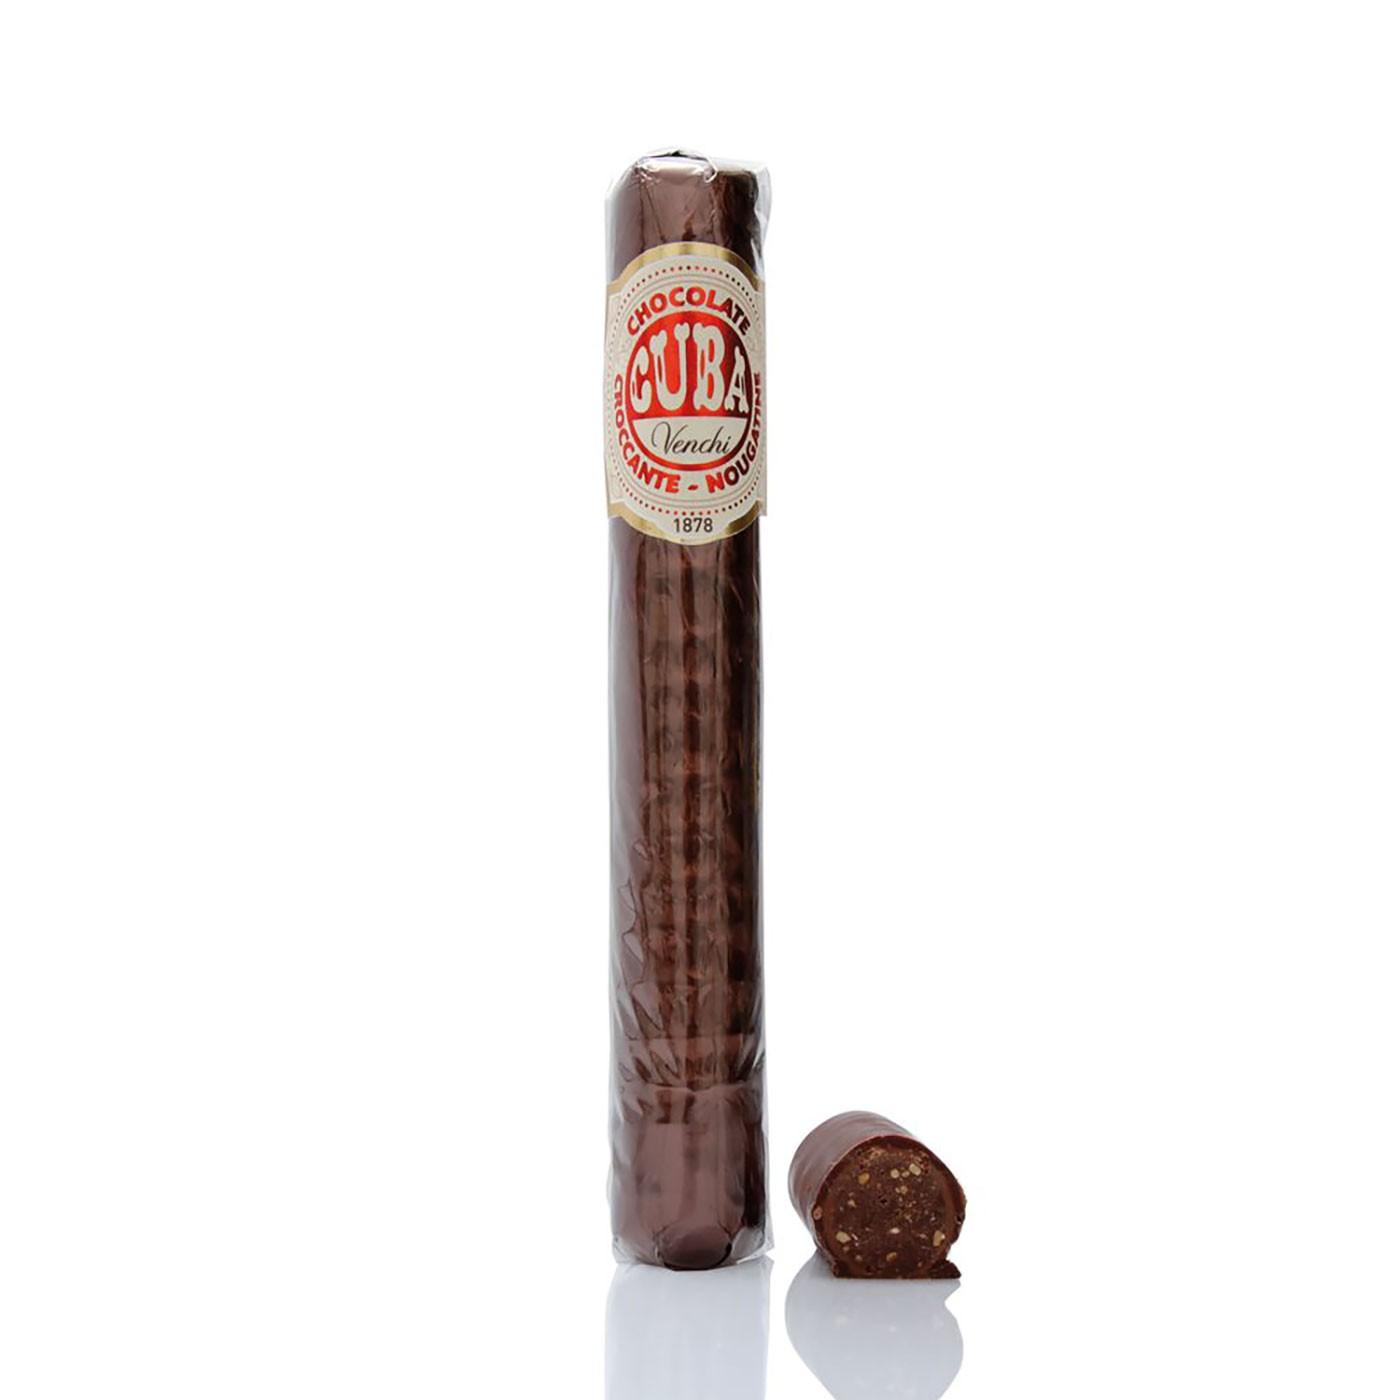 Chocolate and Hazelnut Cigar 3.5 oz